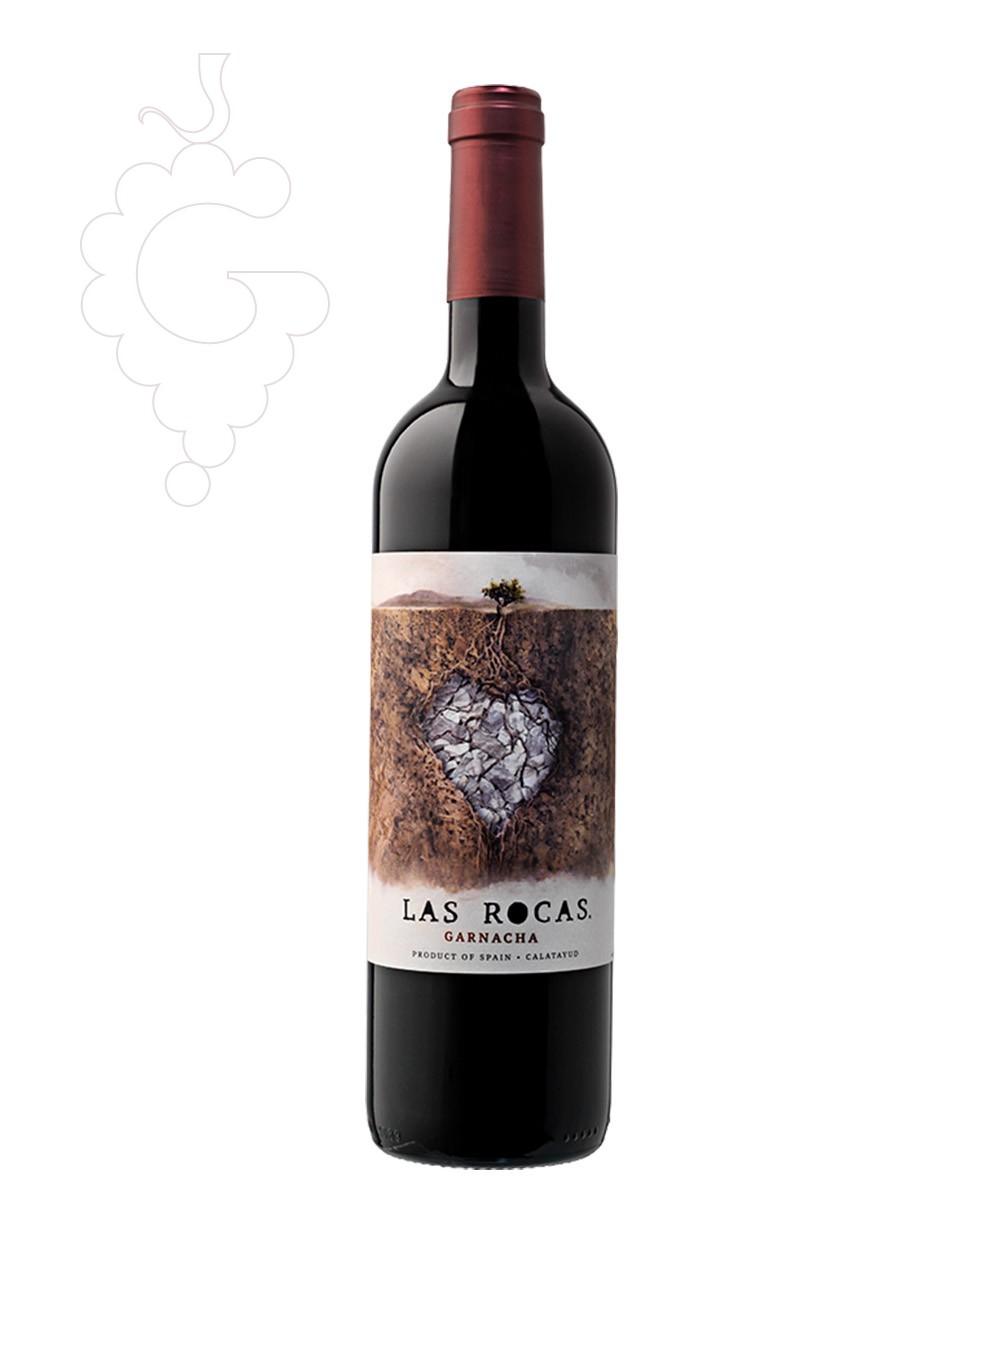 Foto Las Rocas Garnatxa vino tinto